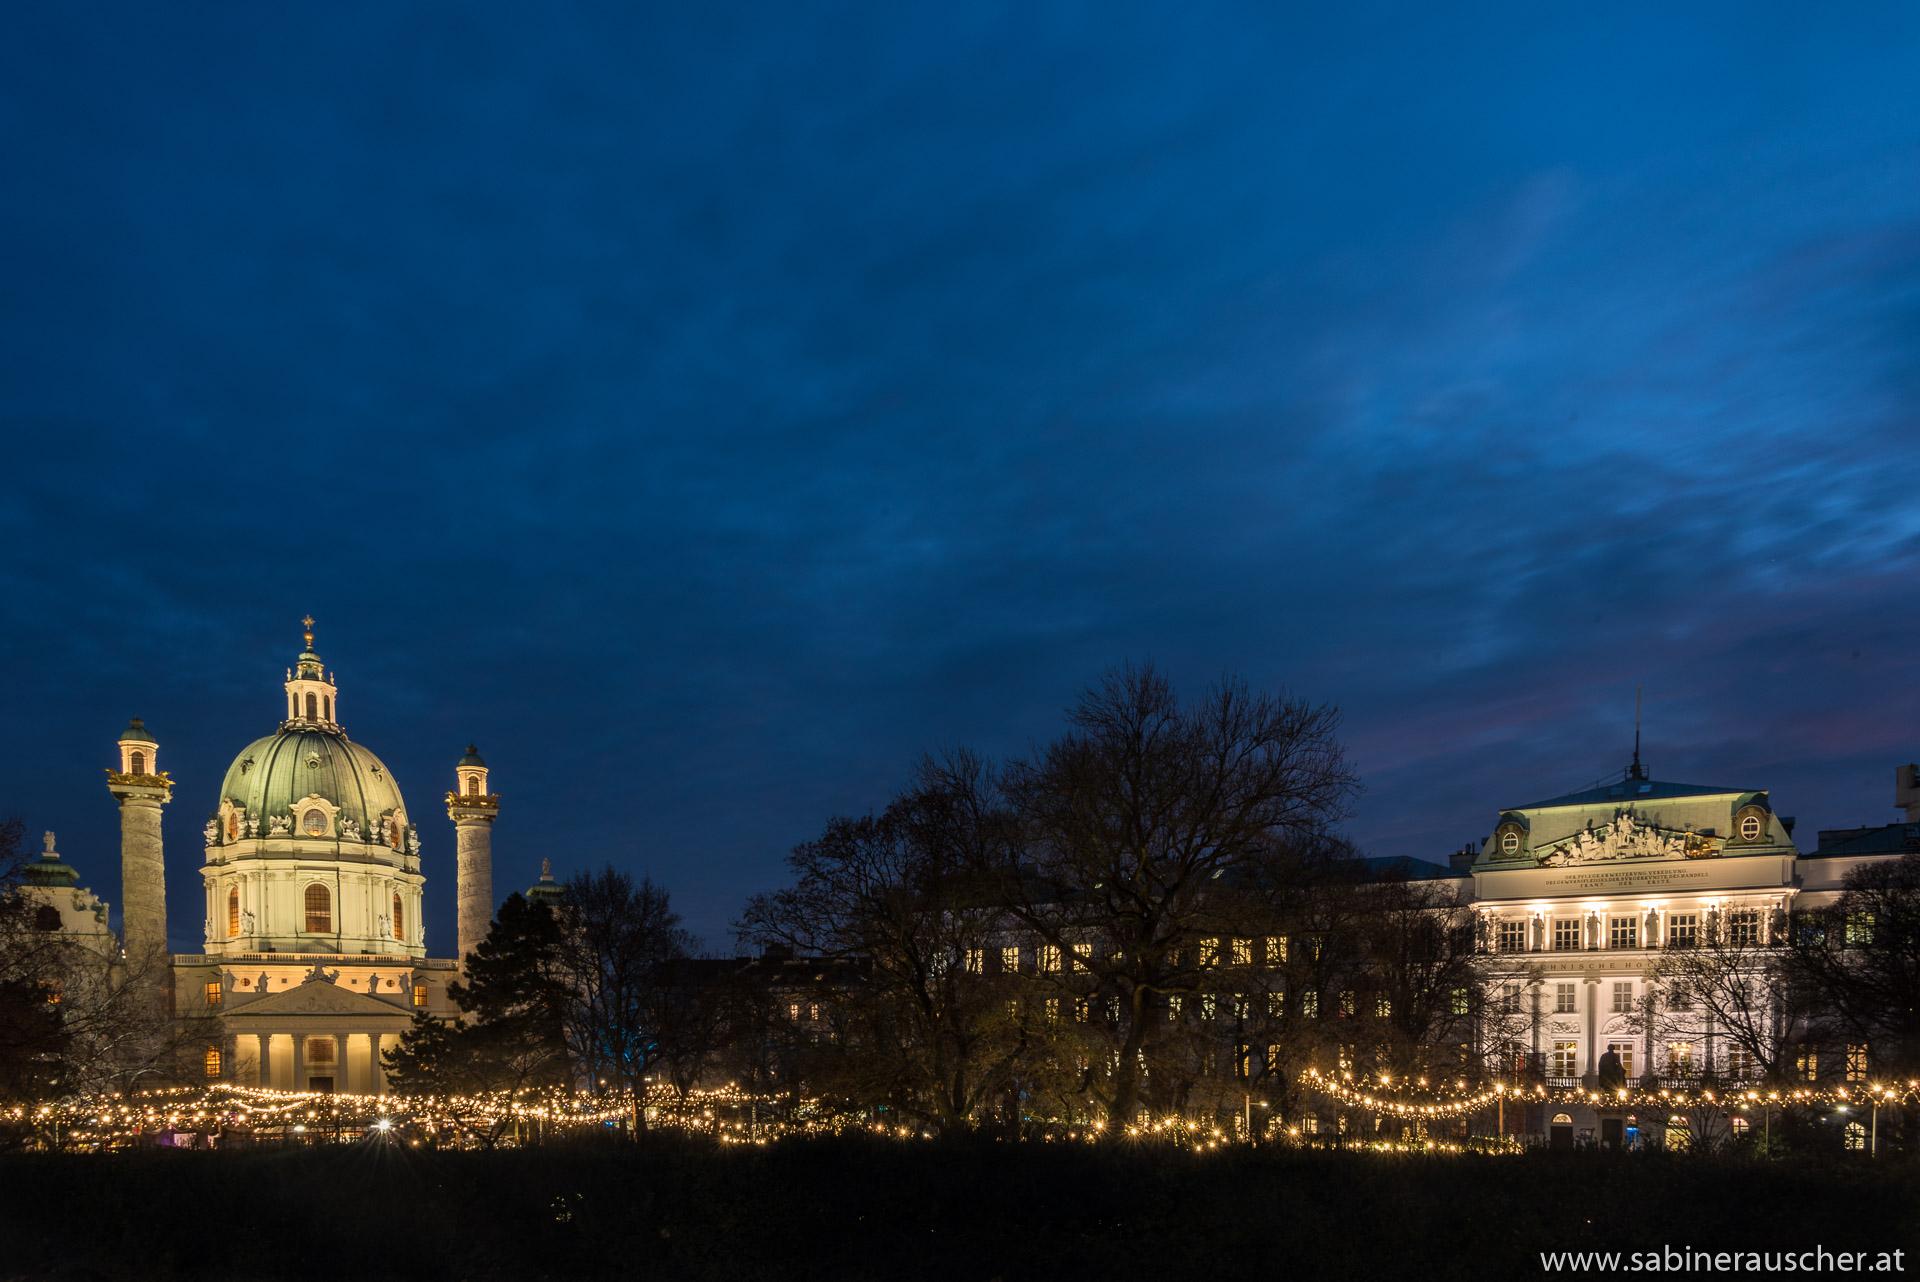 Christmas Market at Karlsplatz in Vienna | Weihnachtsmarkt vor der Karlskirch in Wien